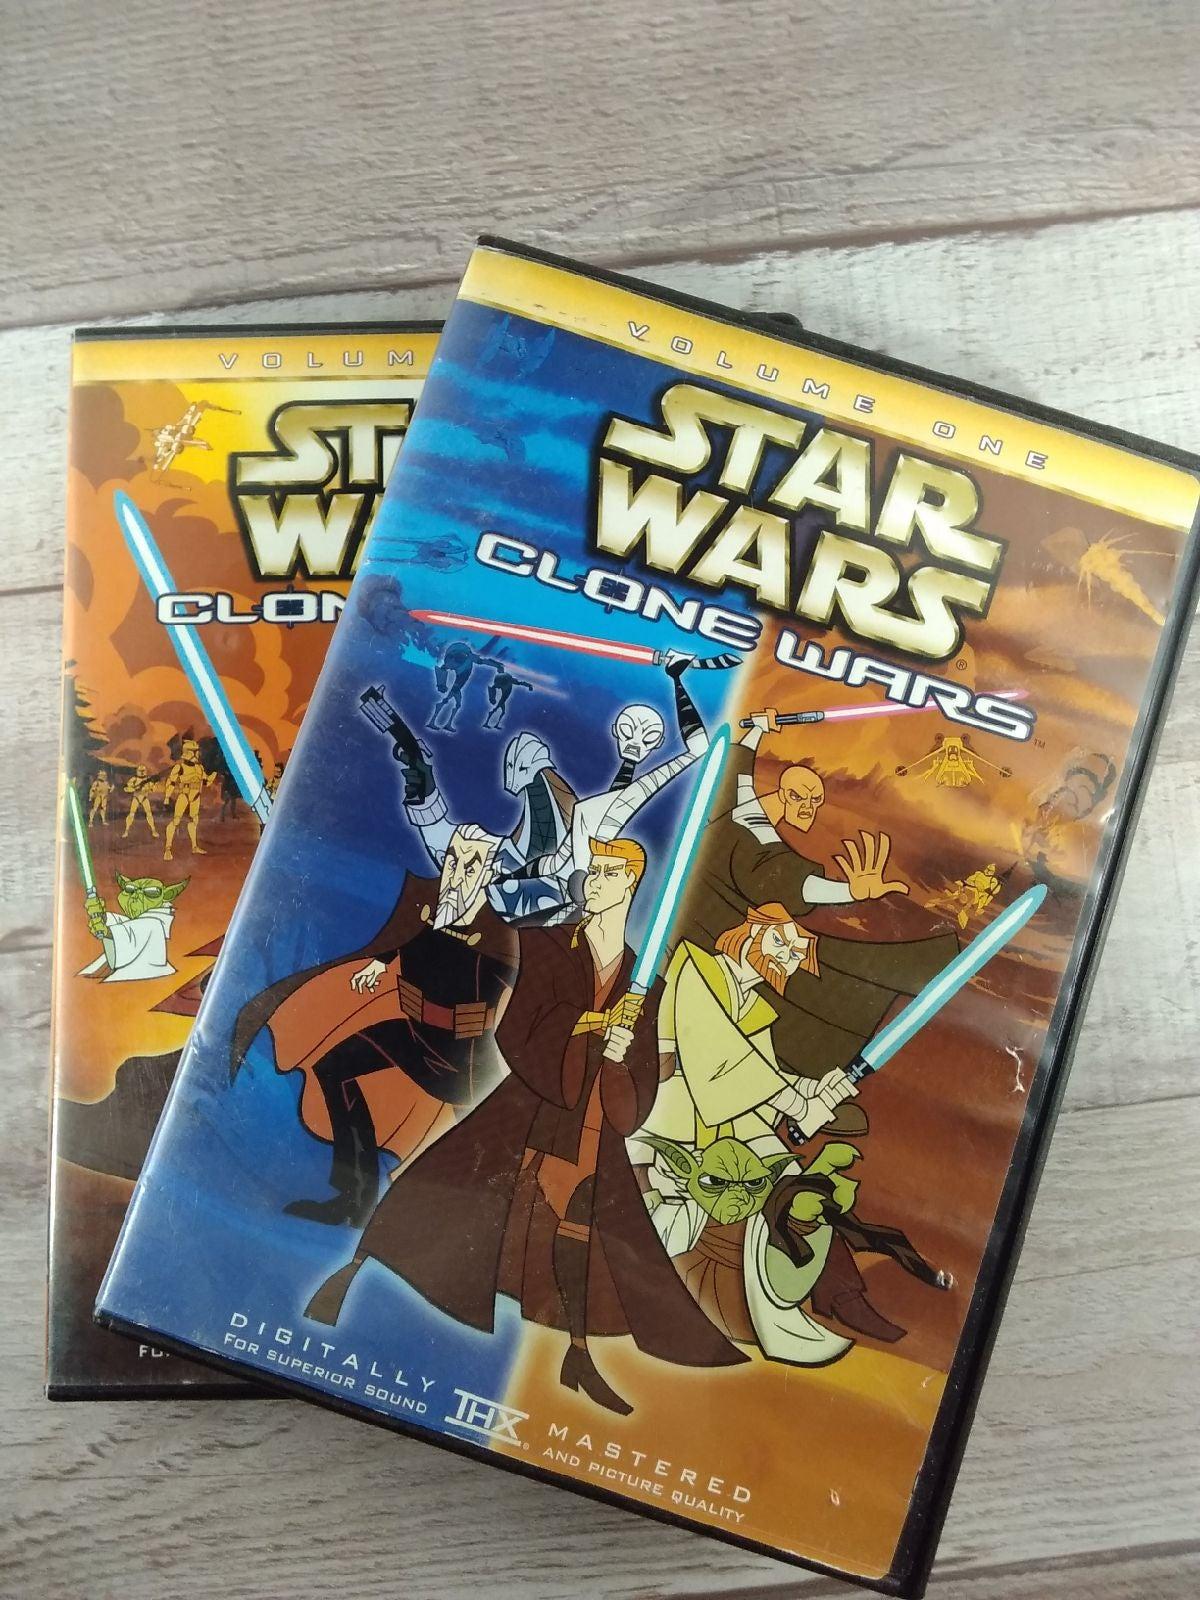 Star Wars Clone Wars Volume 1&2